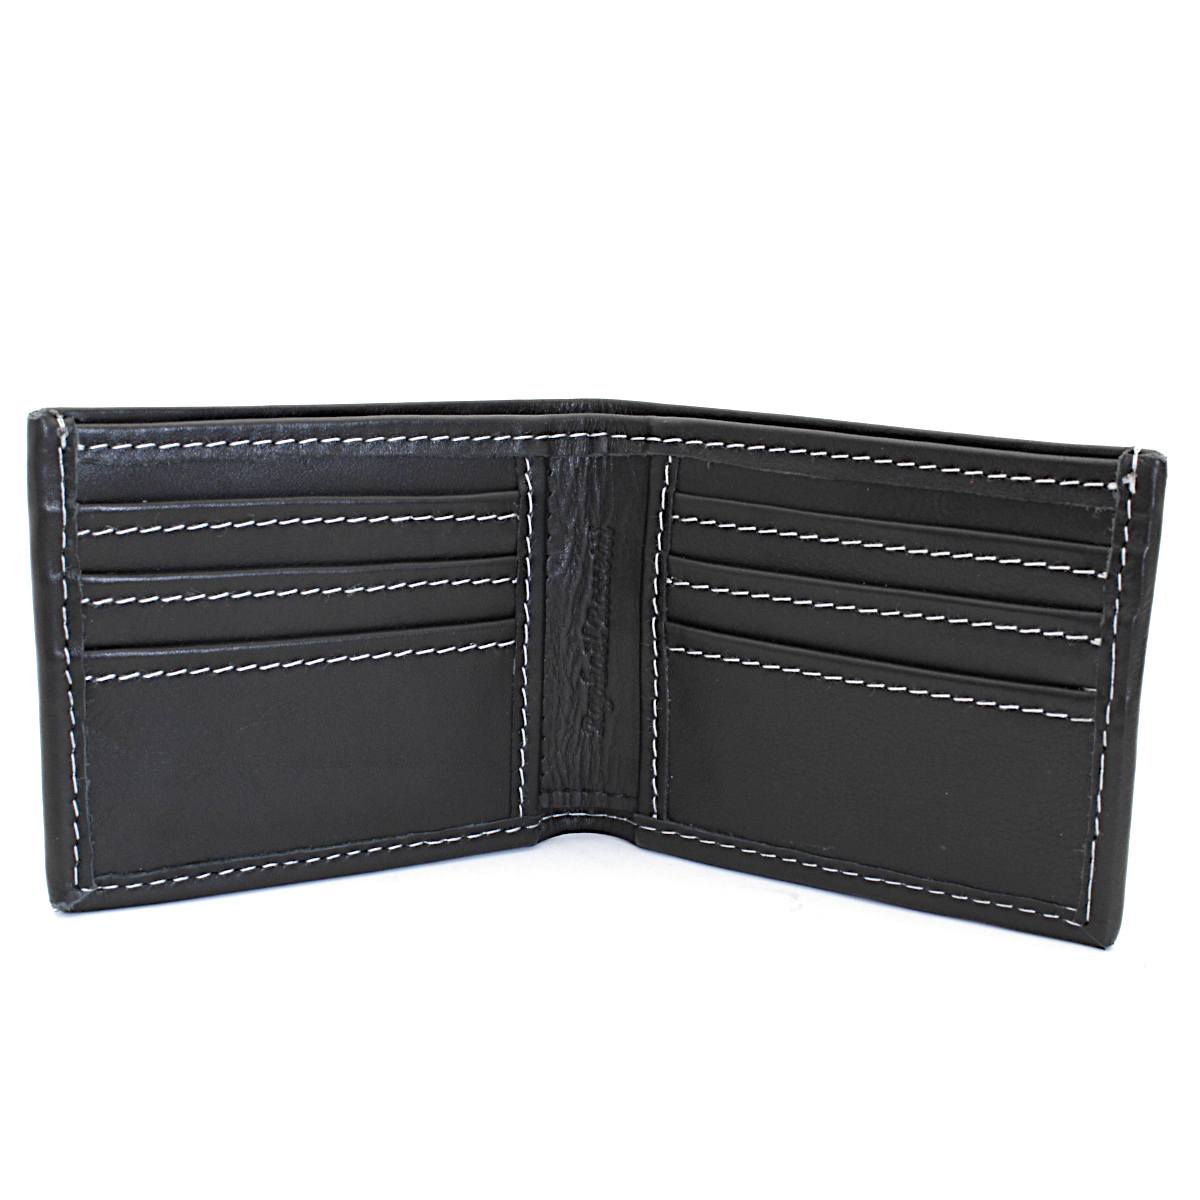 превъзходен мъжки кожен портфейл в черно - вътре